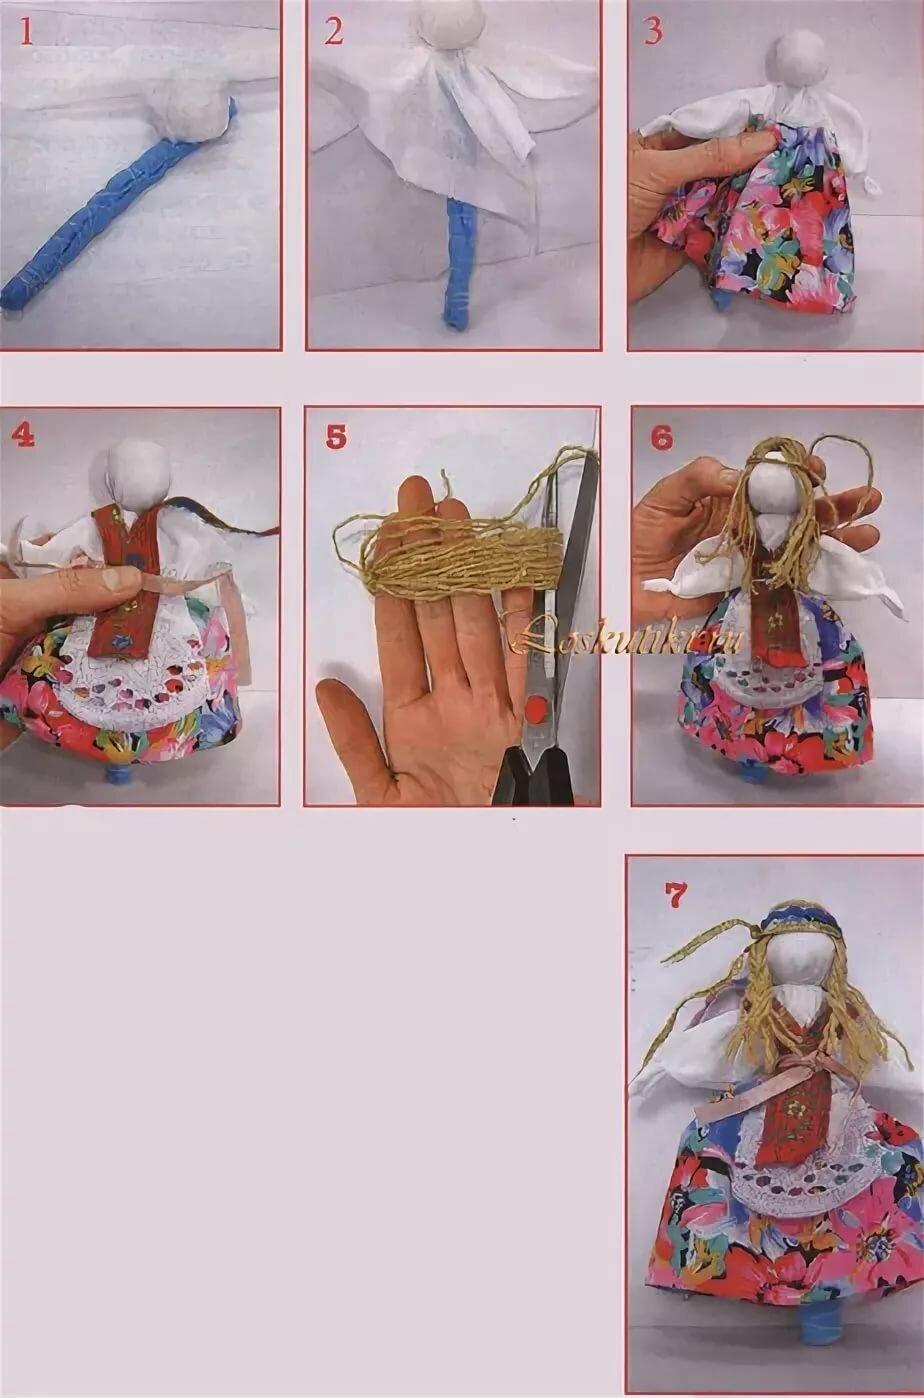 Лялька мотанка — как сделать оберег из ниток самостоятельно?